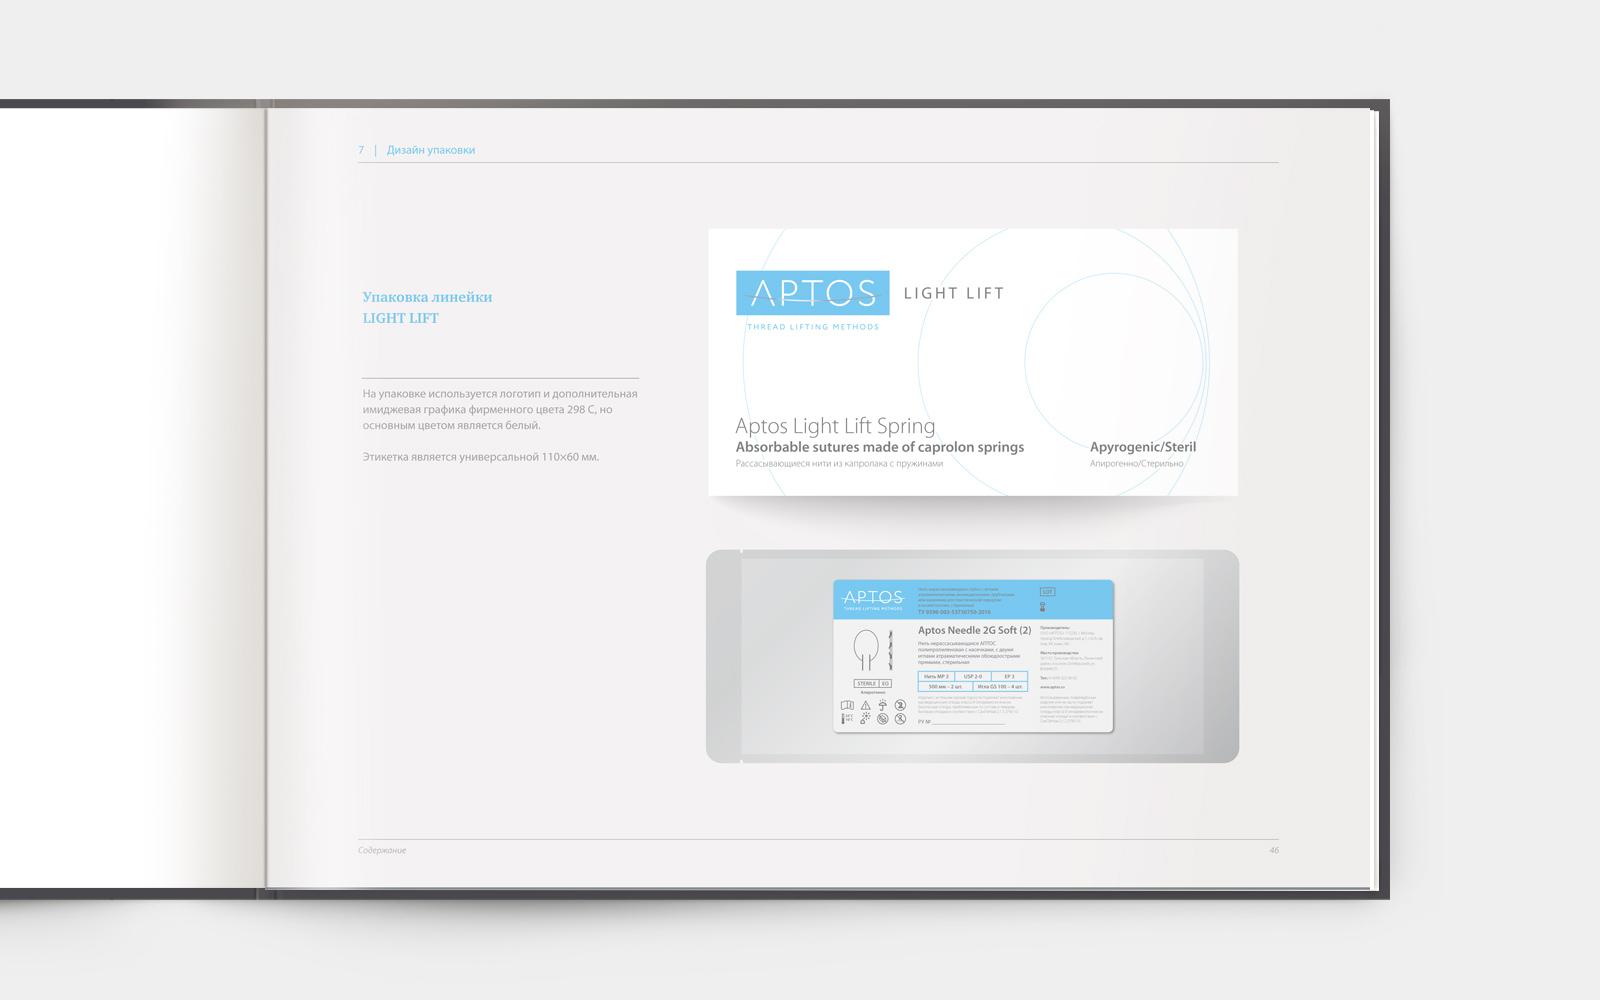 Фирменный стиль и цвет в дизайне упаковки продуктов линейки Aptos Light Lift